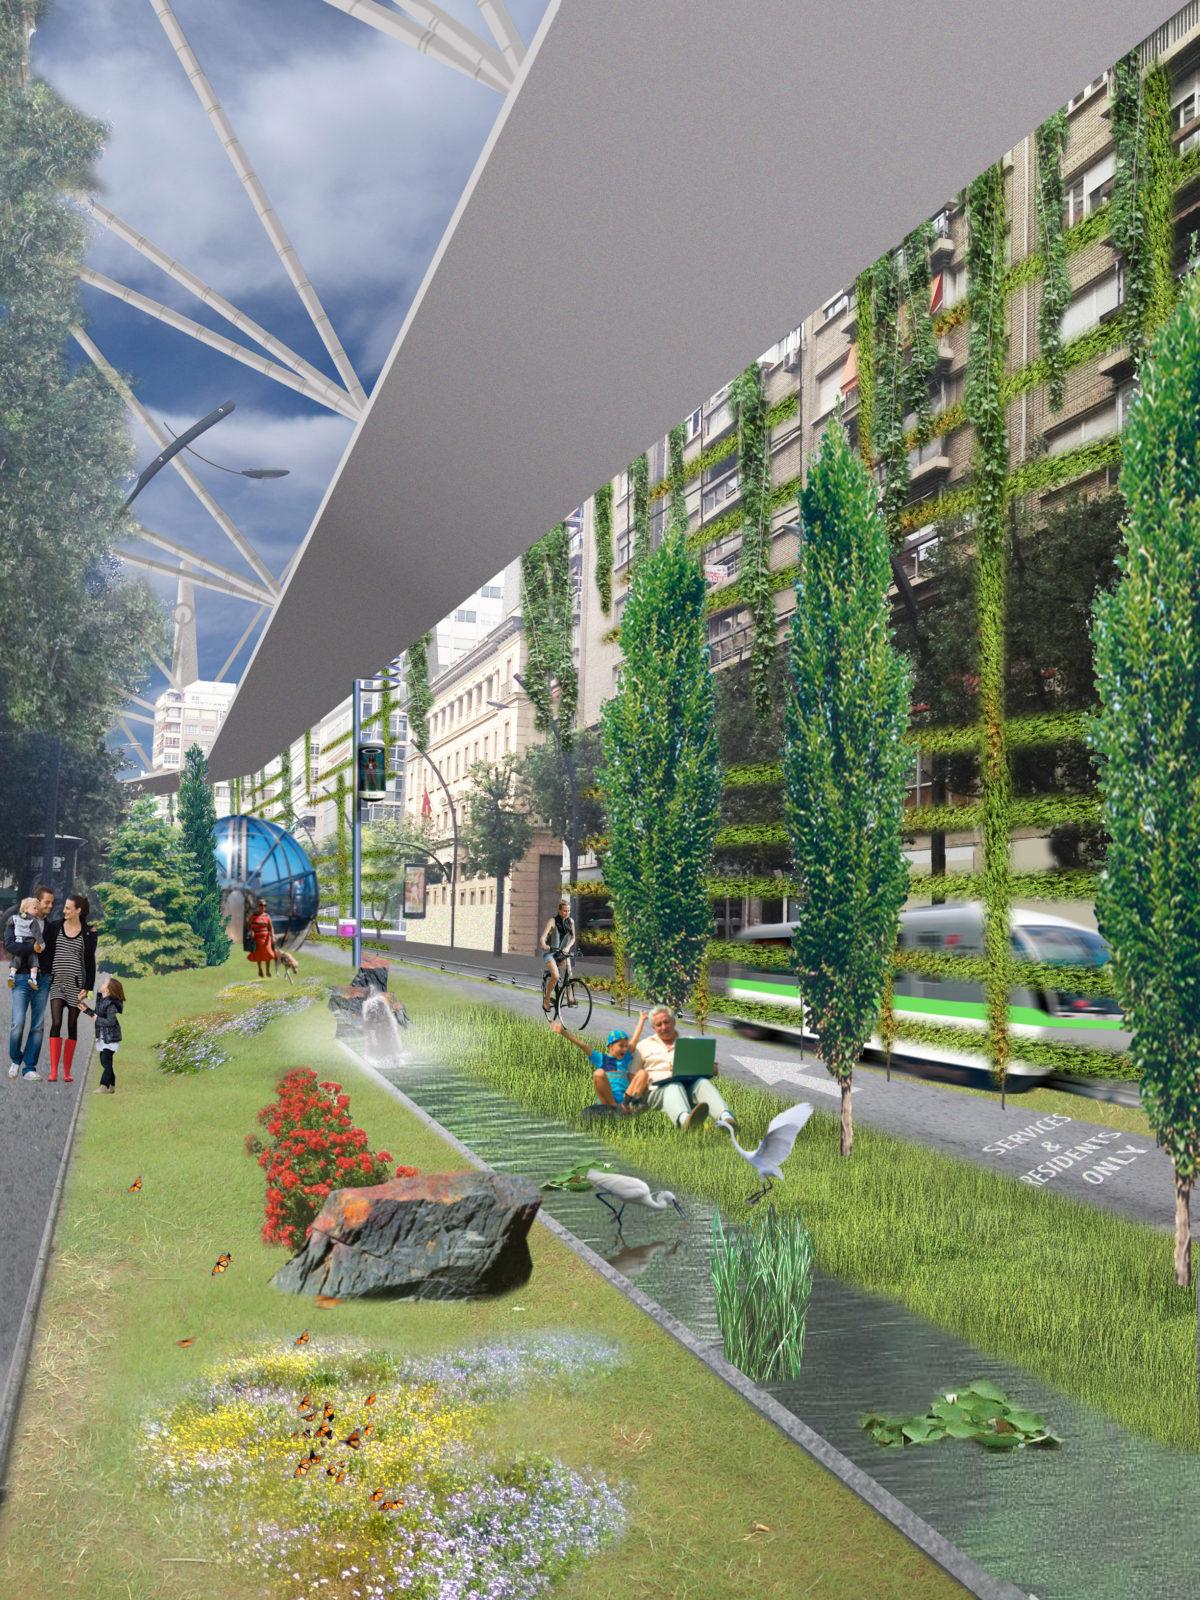 Corredores bioclimáticos urbanos